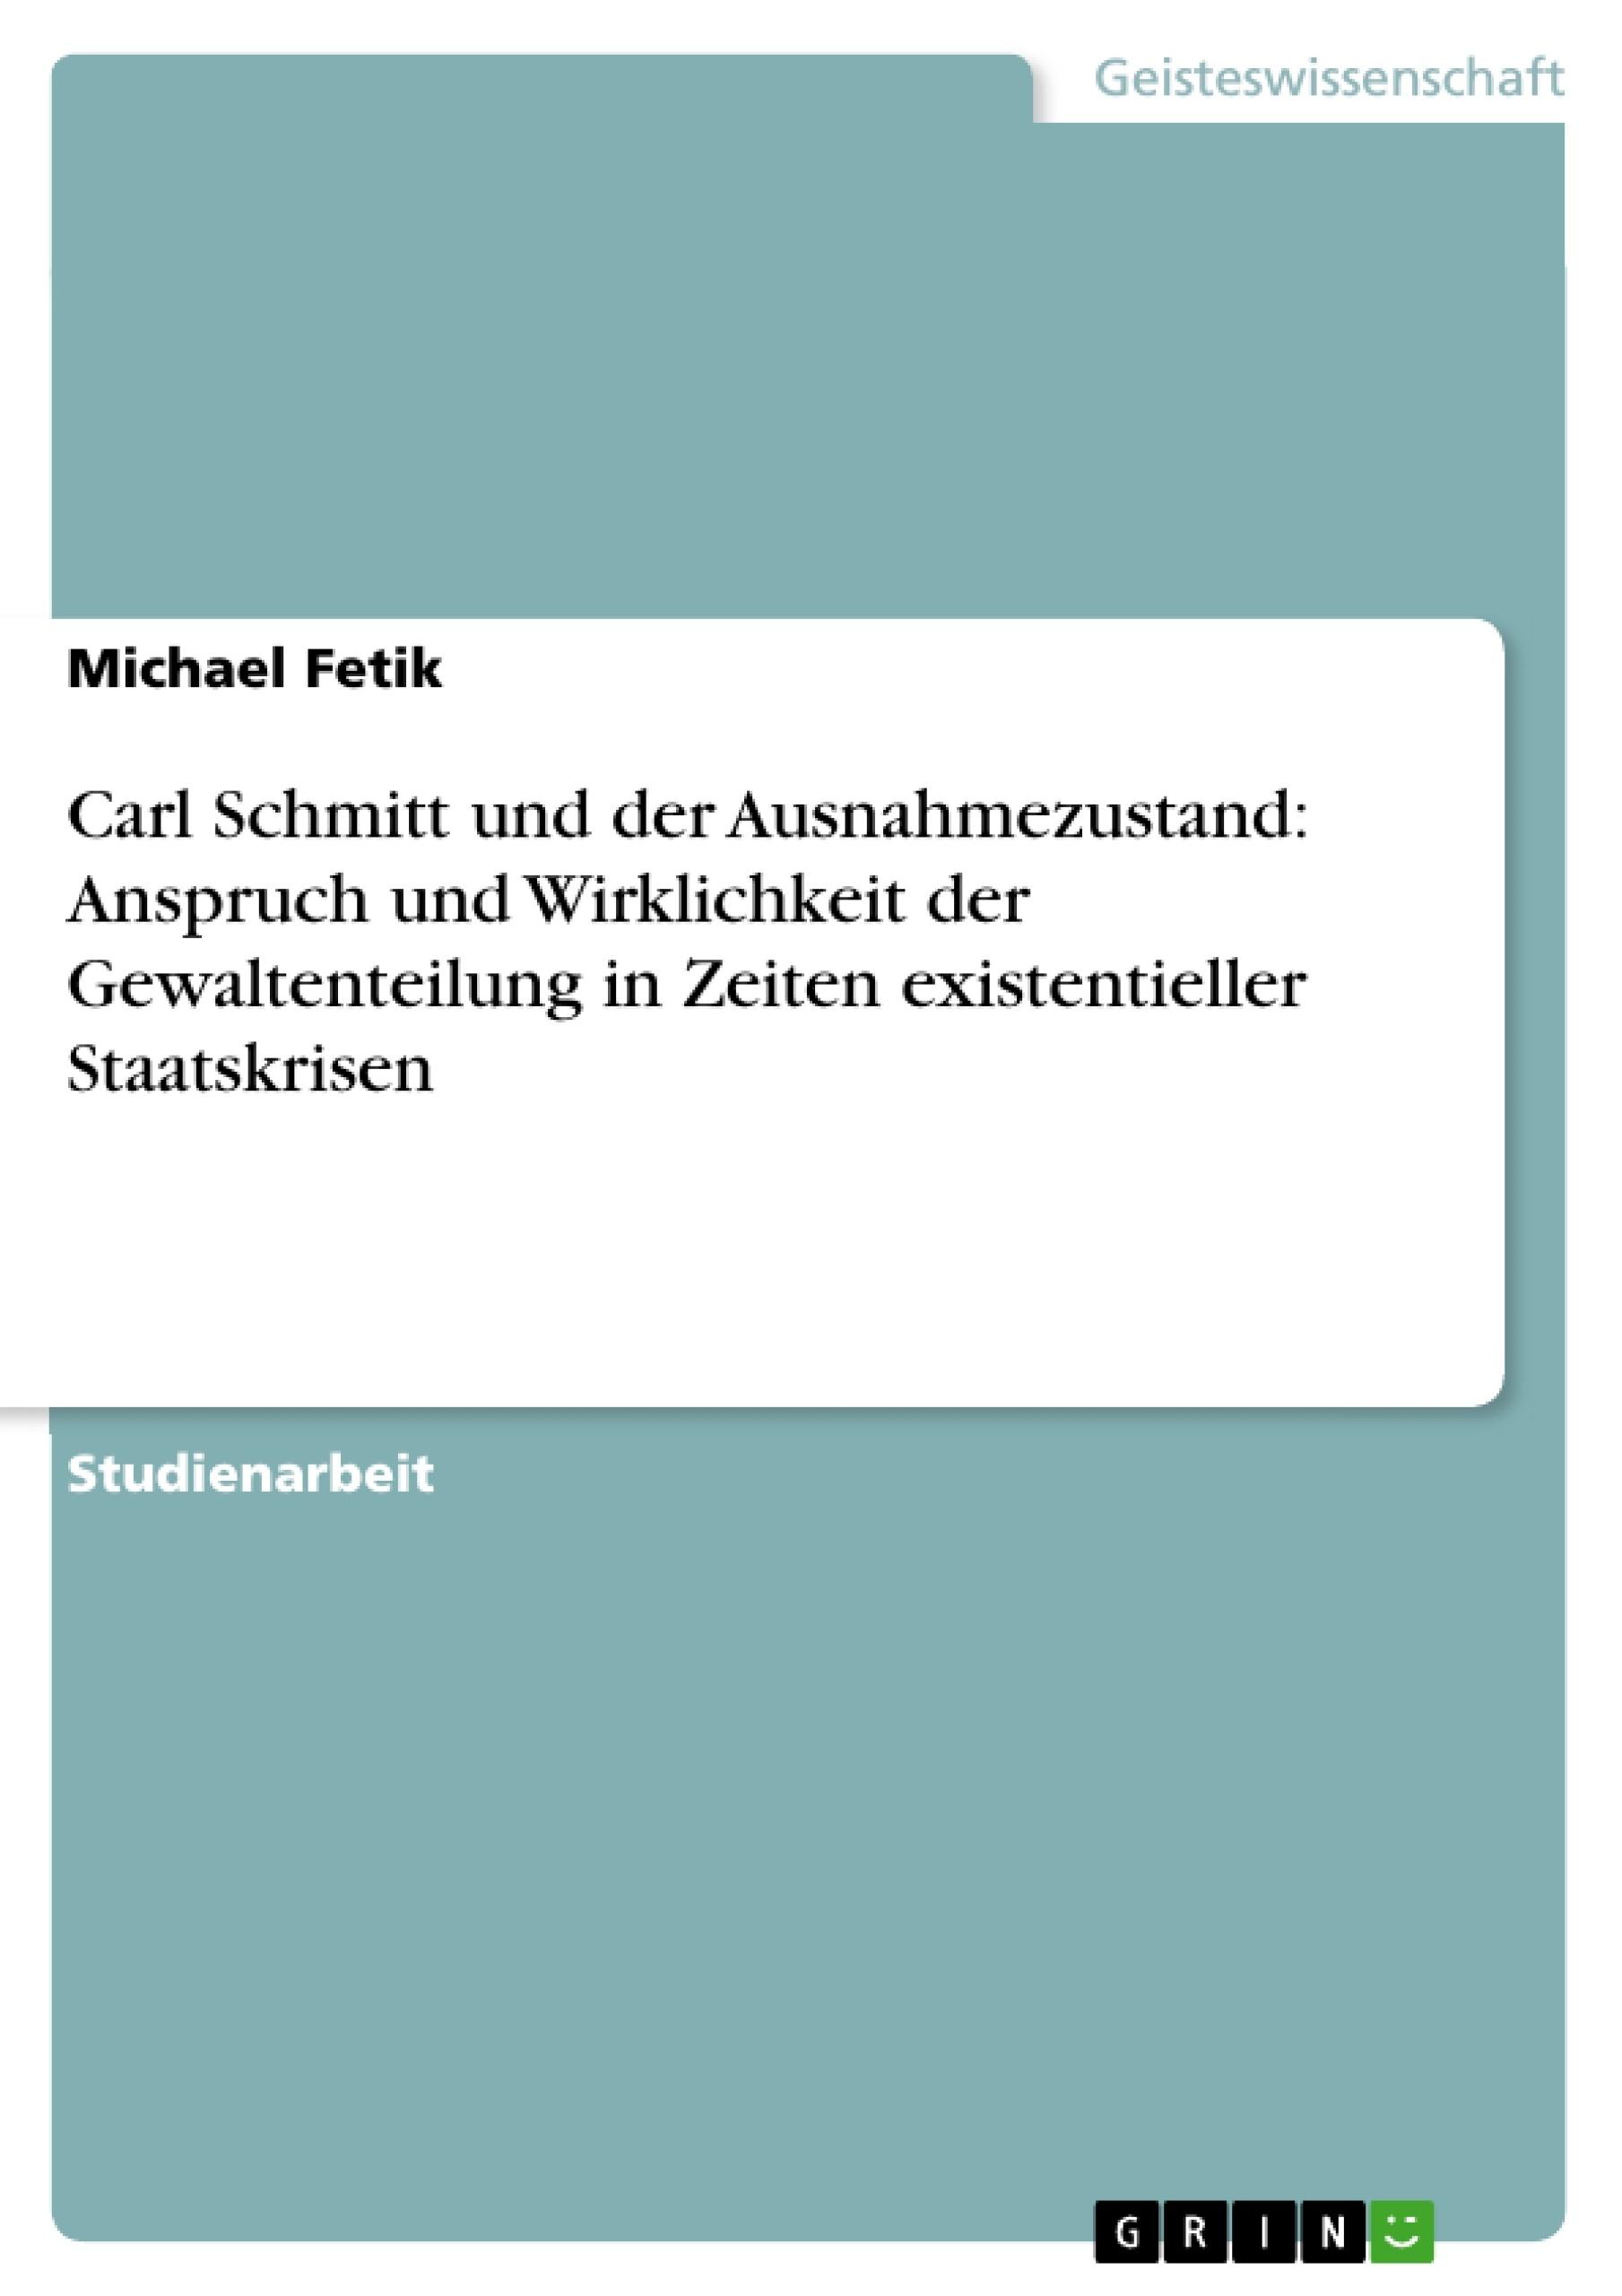 Titel: Carl Schmitt und der Ausnahmezustand: Anspruch und Wirklichkeit der Gewaltenteilung in Zeiten existentieller Staatskrisen